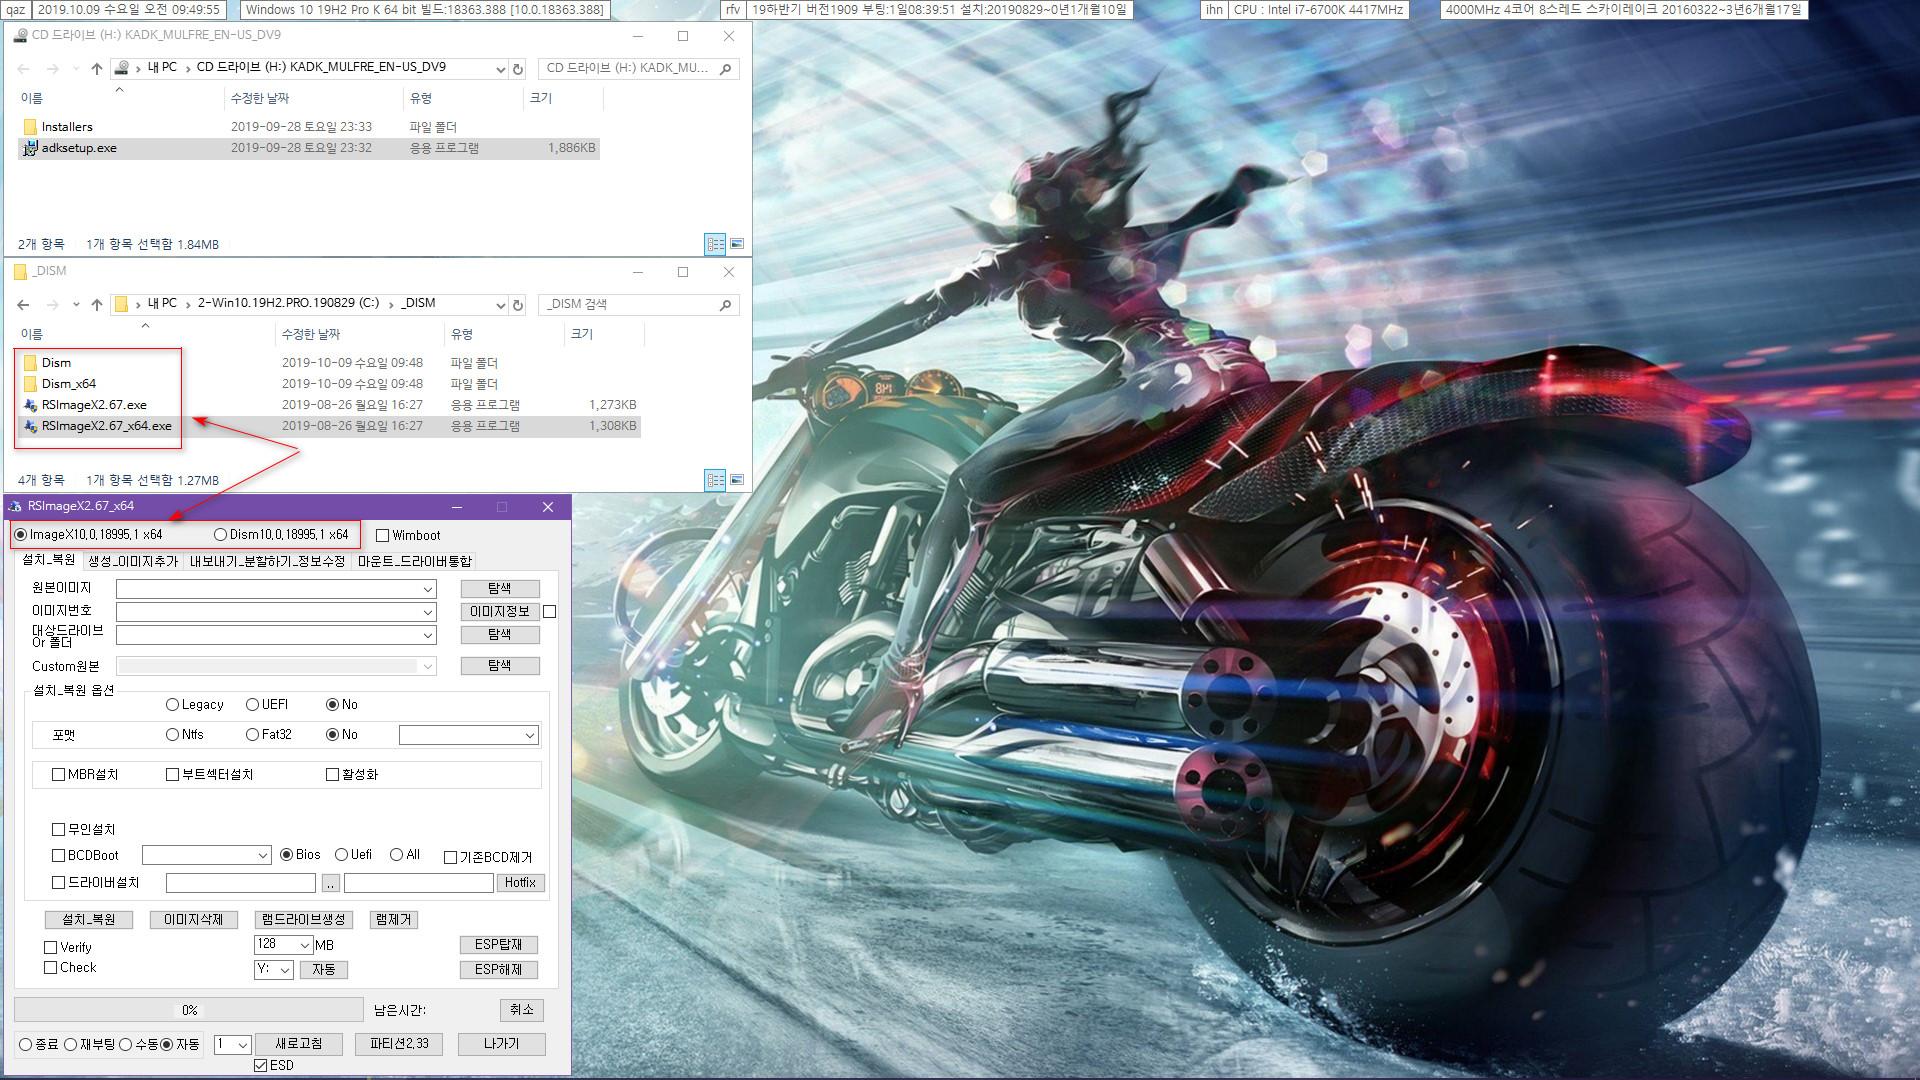 윈도10 20H1 인사이더 프리뷰 18995.1 빌드 - ADK 파일이 나와서 RSImageX용 DISM과 ImageX 만들었습니다  2019-10-09_094955.jpg